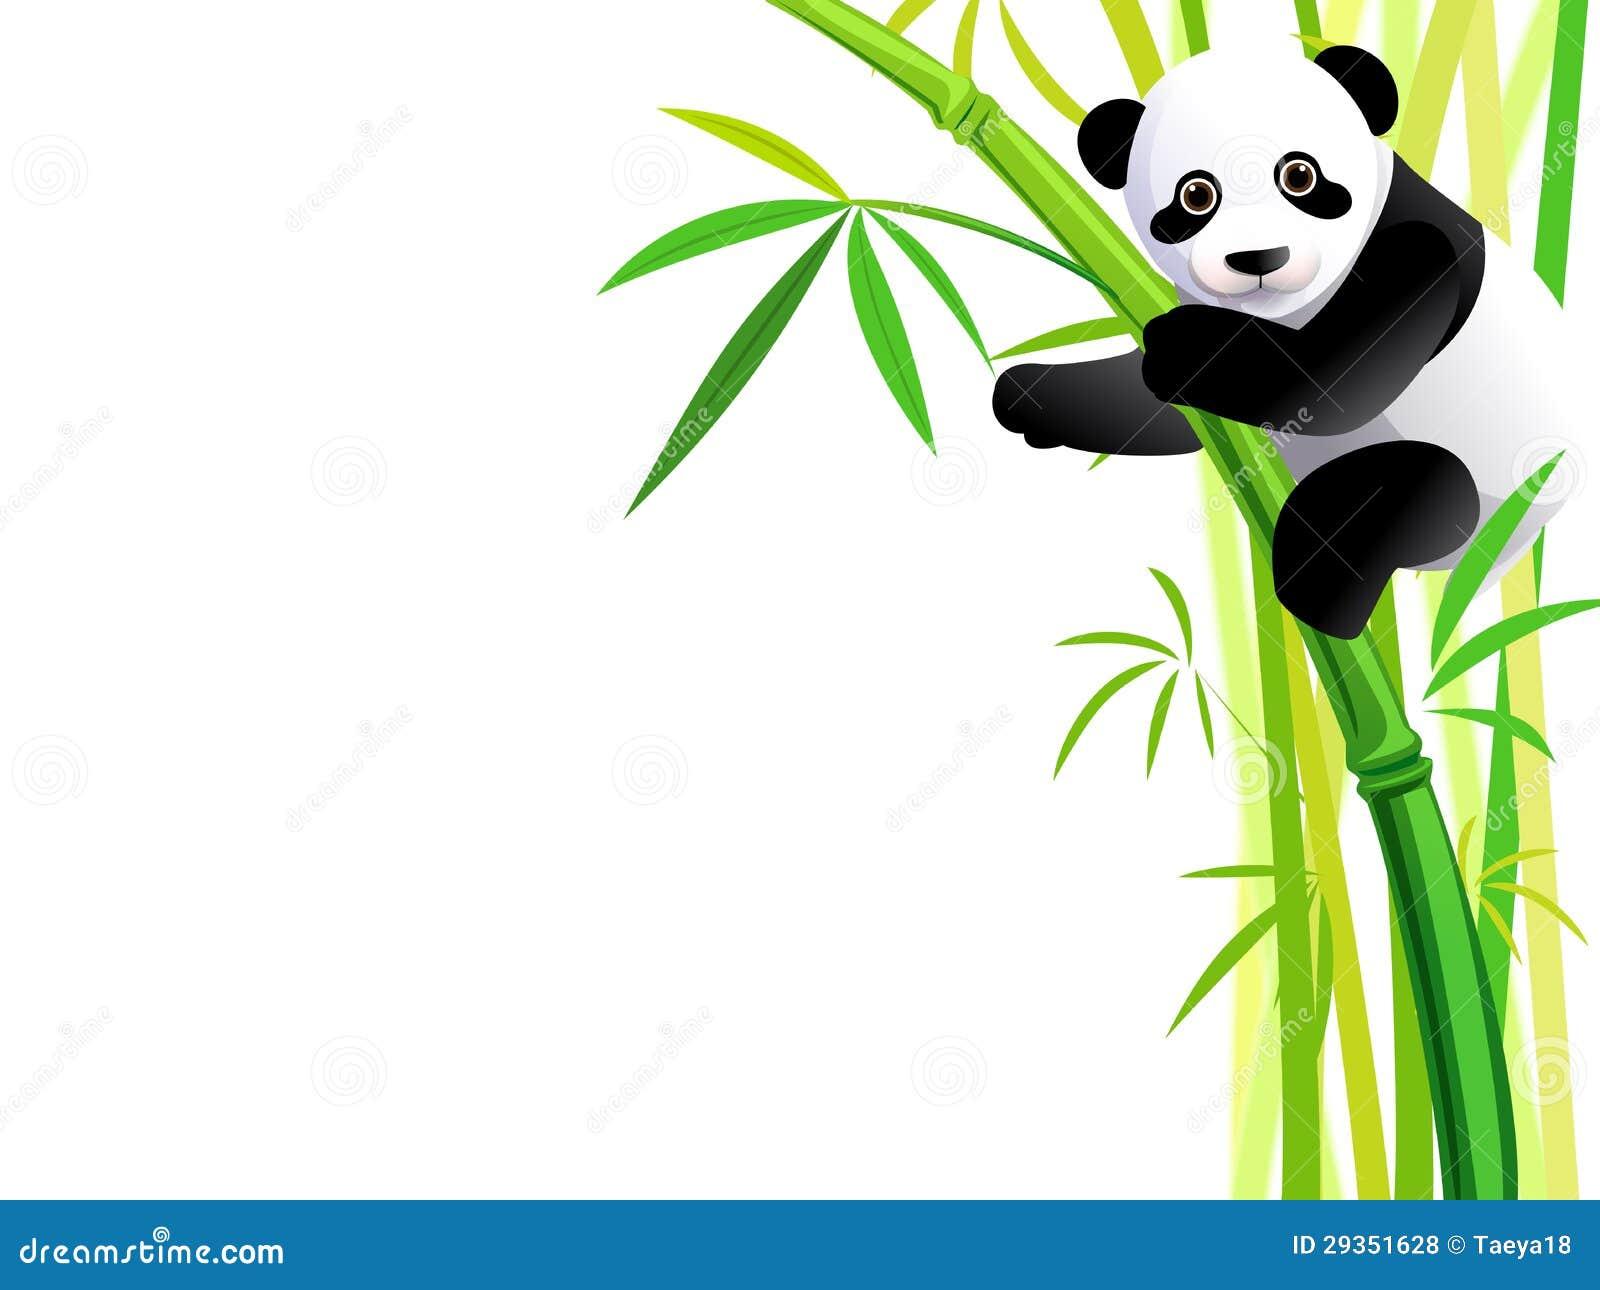 Как рисовать панд с бамбуком